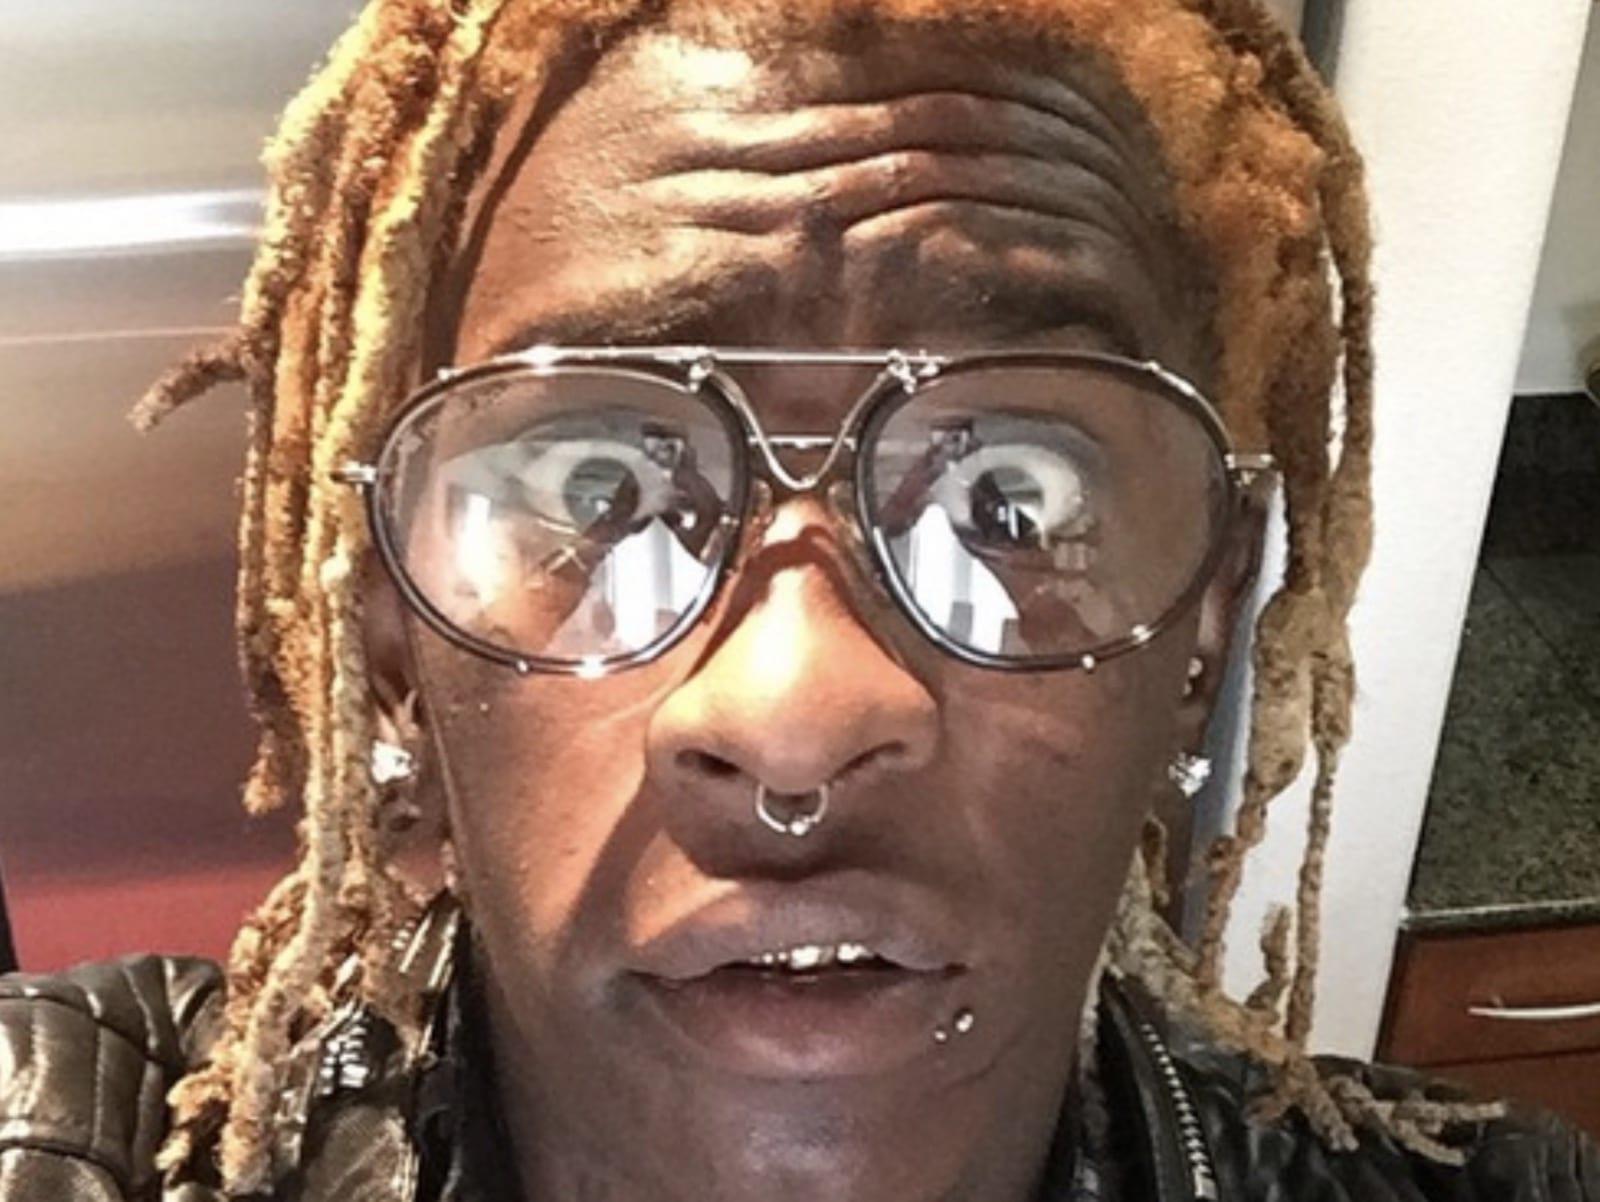 Young Thug Trolls Sauce Walka